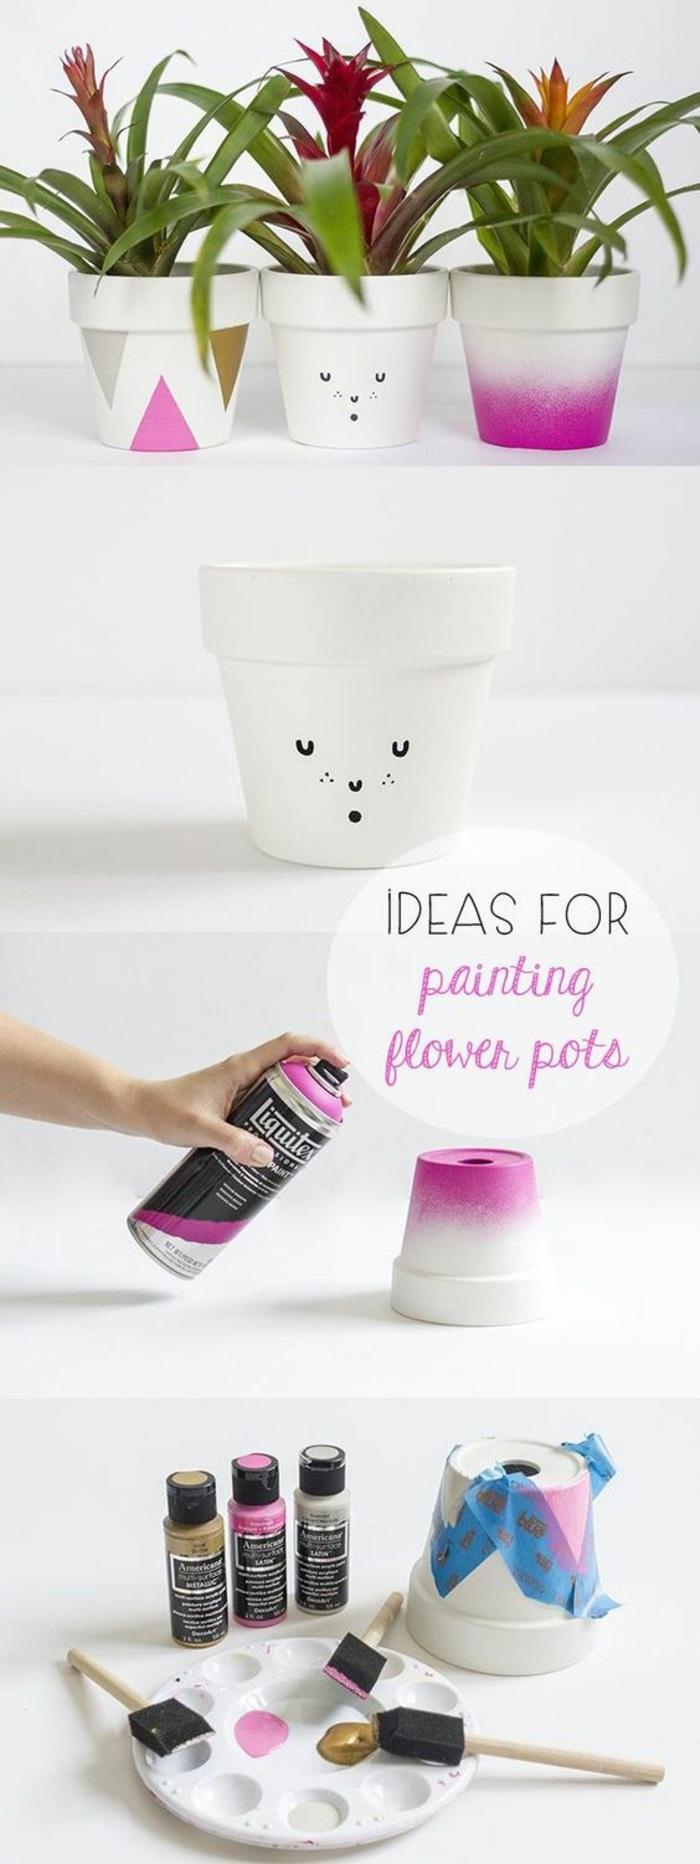 ideas únicas de manualidades decoracion, cómo hacer macetas personalizadas en dos colores, tutoriales de manualidades fáciles